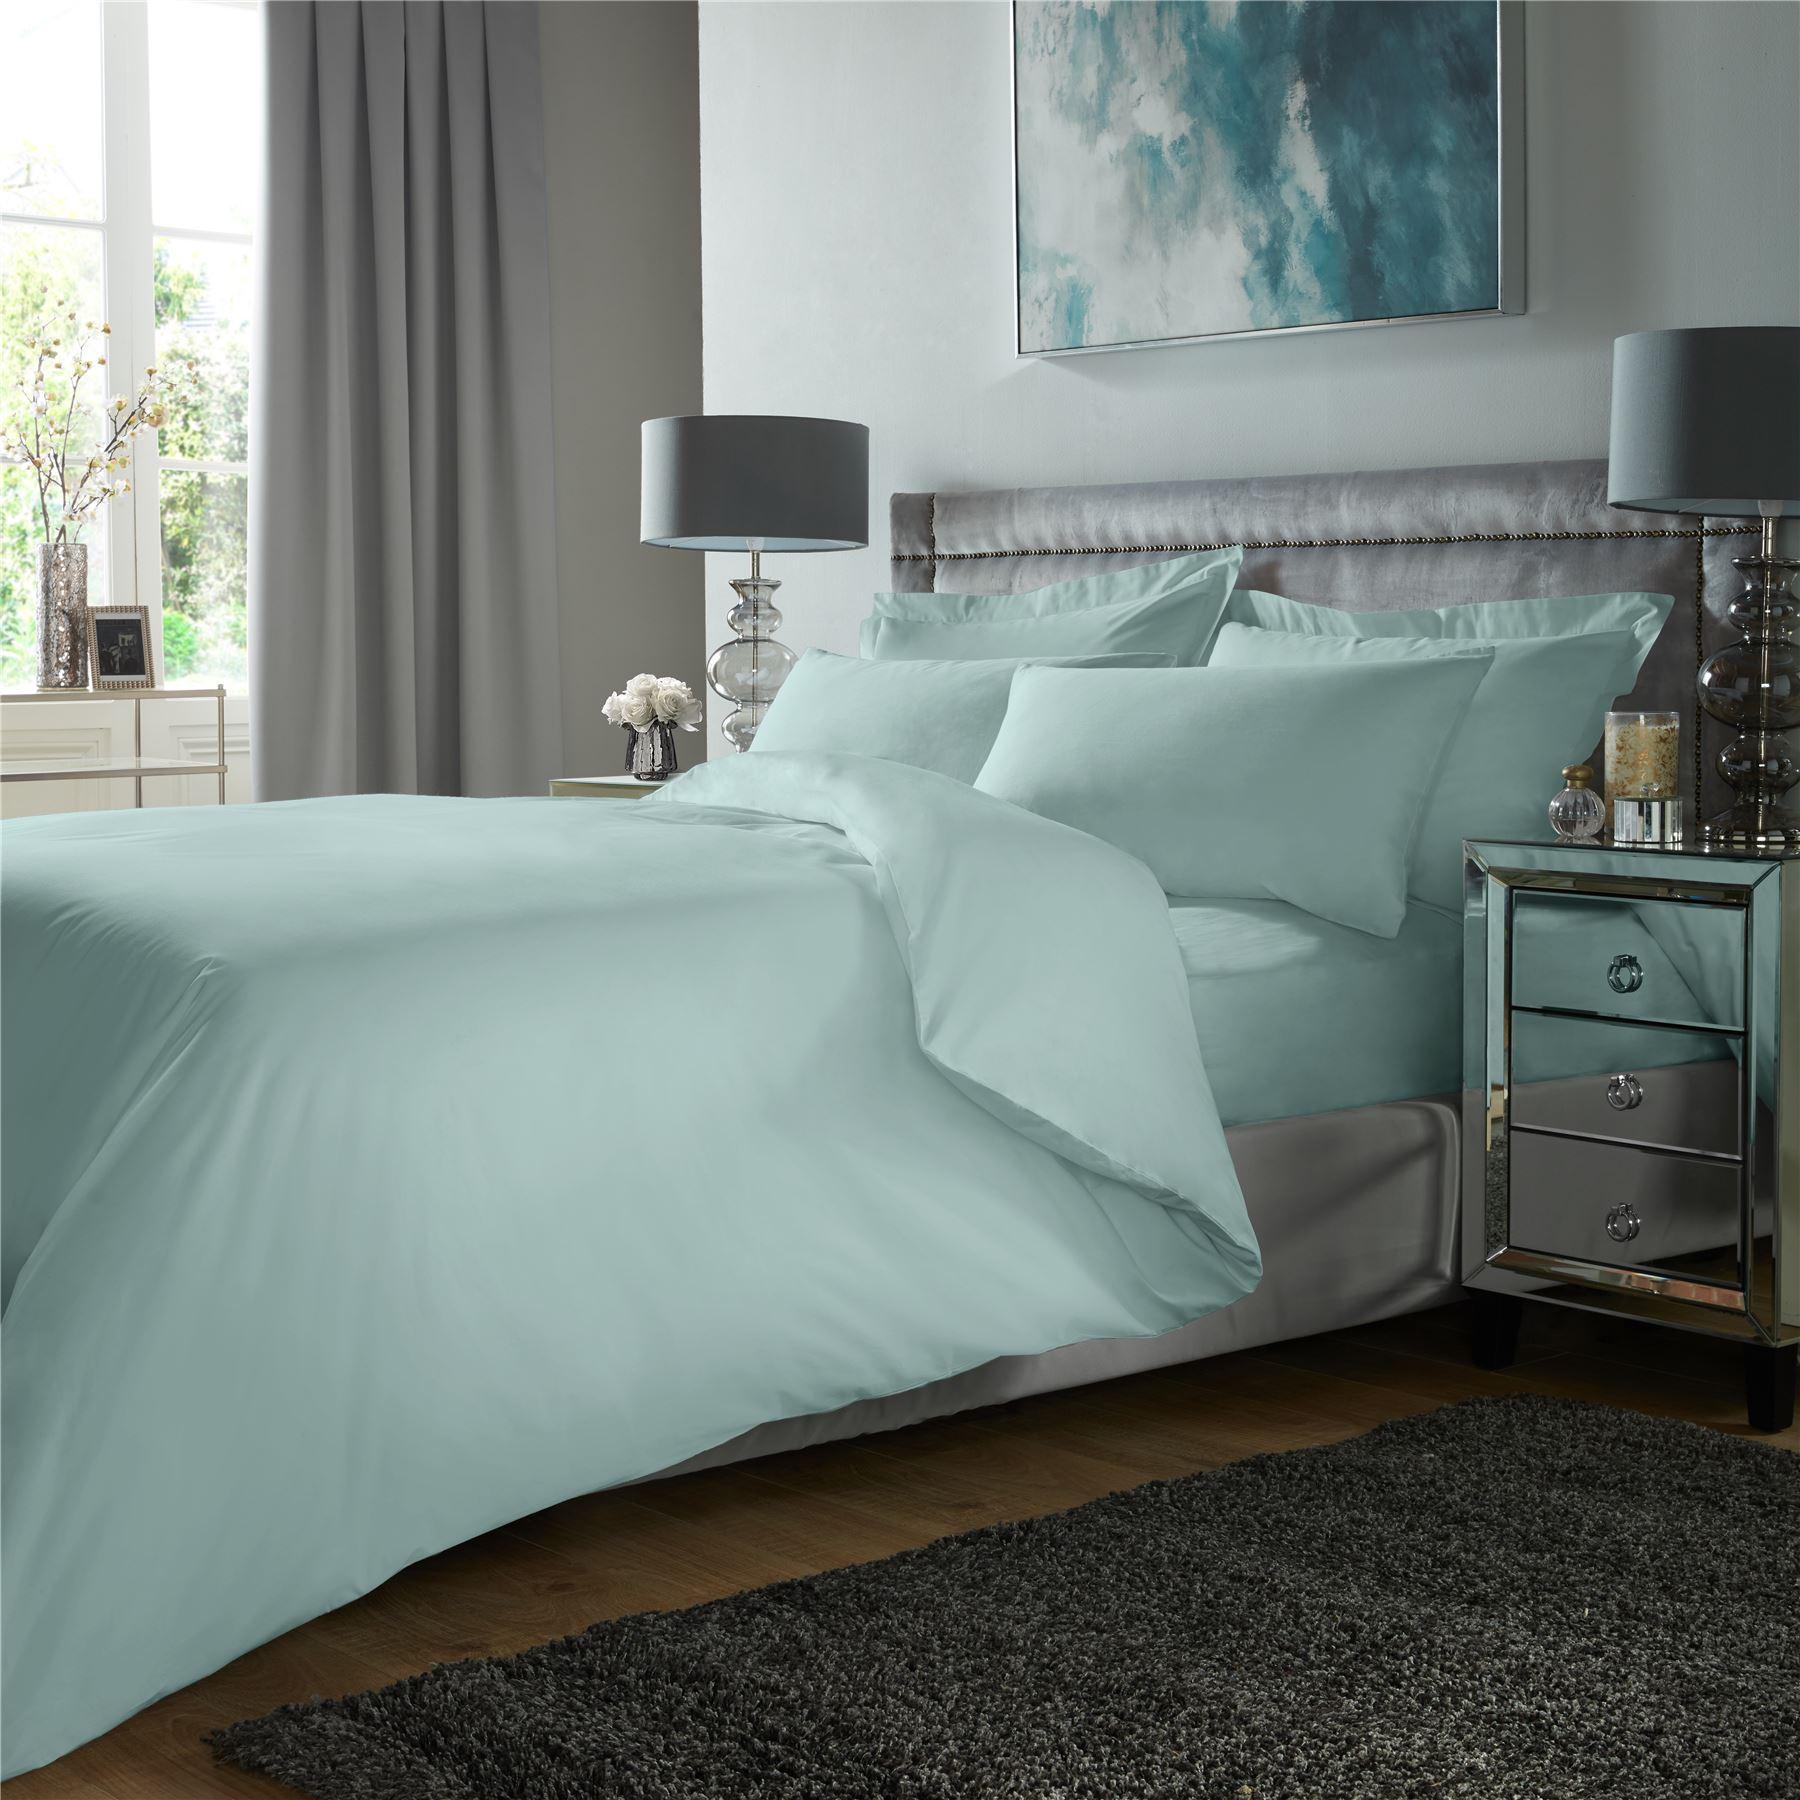 De-Lujo-400TC-conjunto-de-funda-de-edredon-100-Algodon-Egipcio-ropa-de-cama-funda-de-almohada-tenida miniatura 9